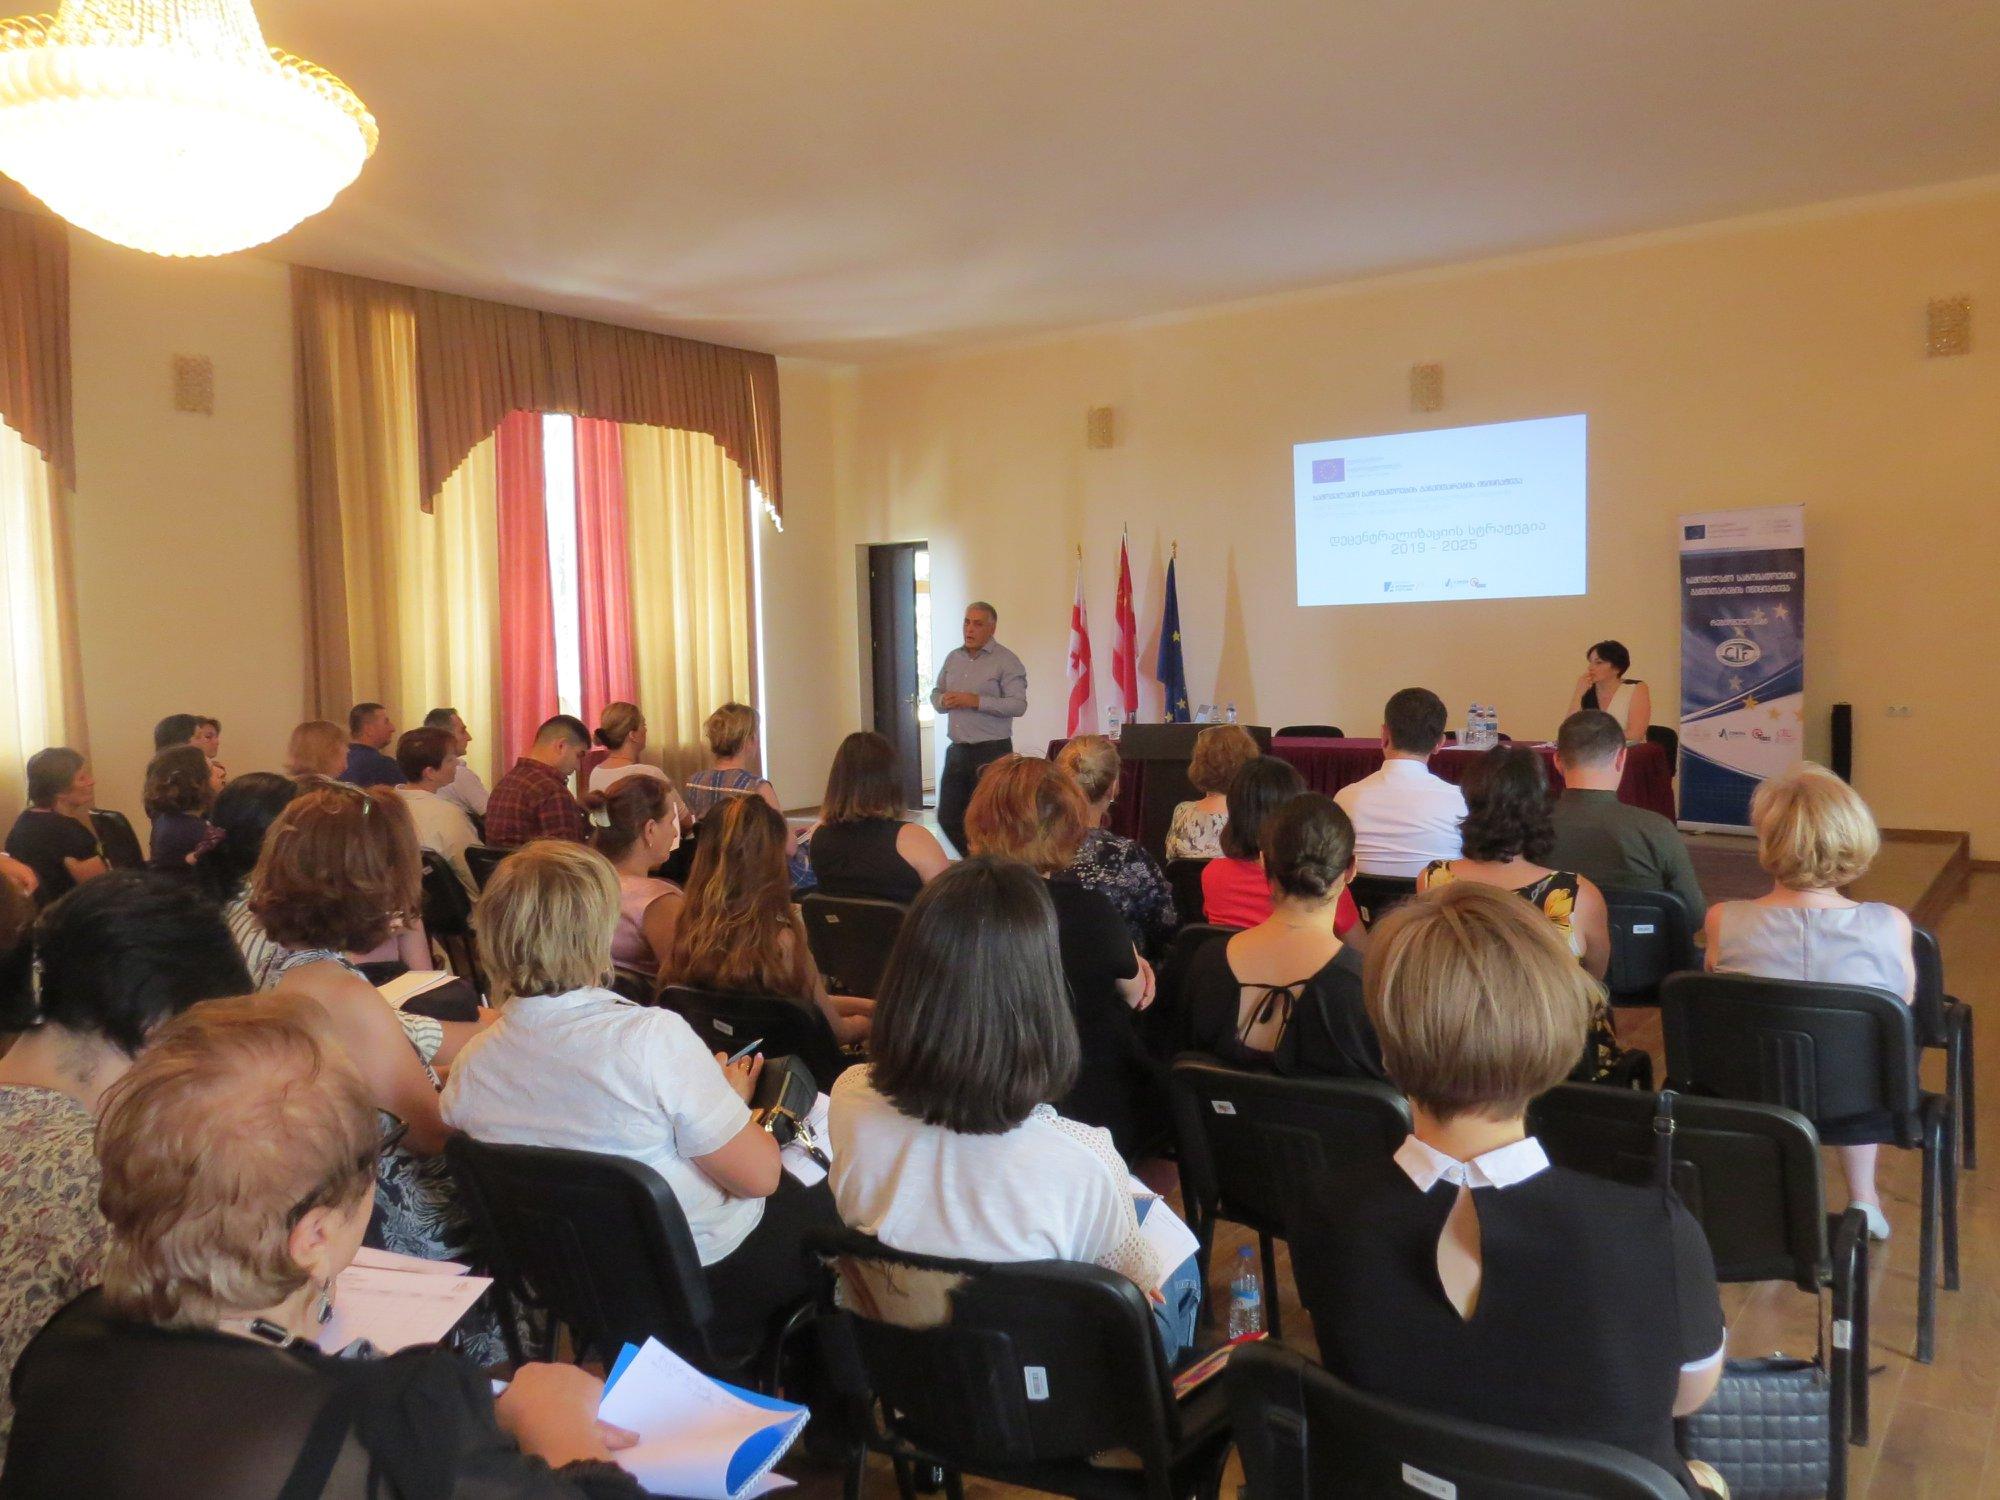 სამოქალაქო საზოგადოების განვითარების ინიციატივა - რეგიონული შეხვედრები